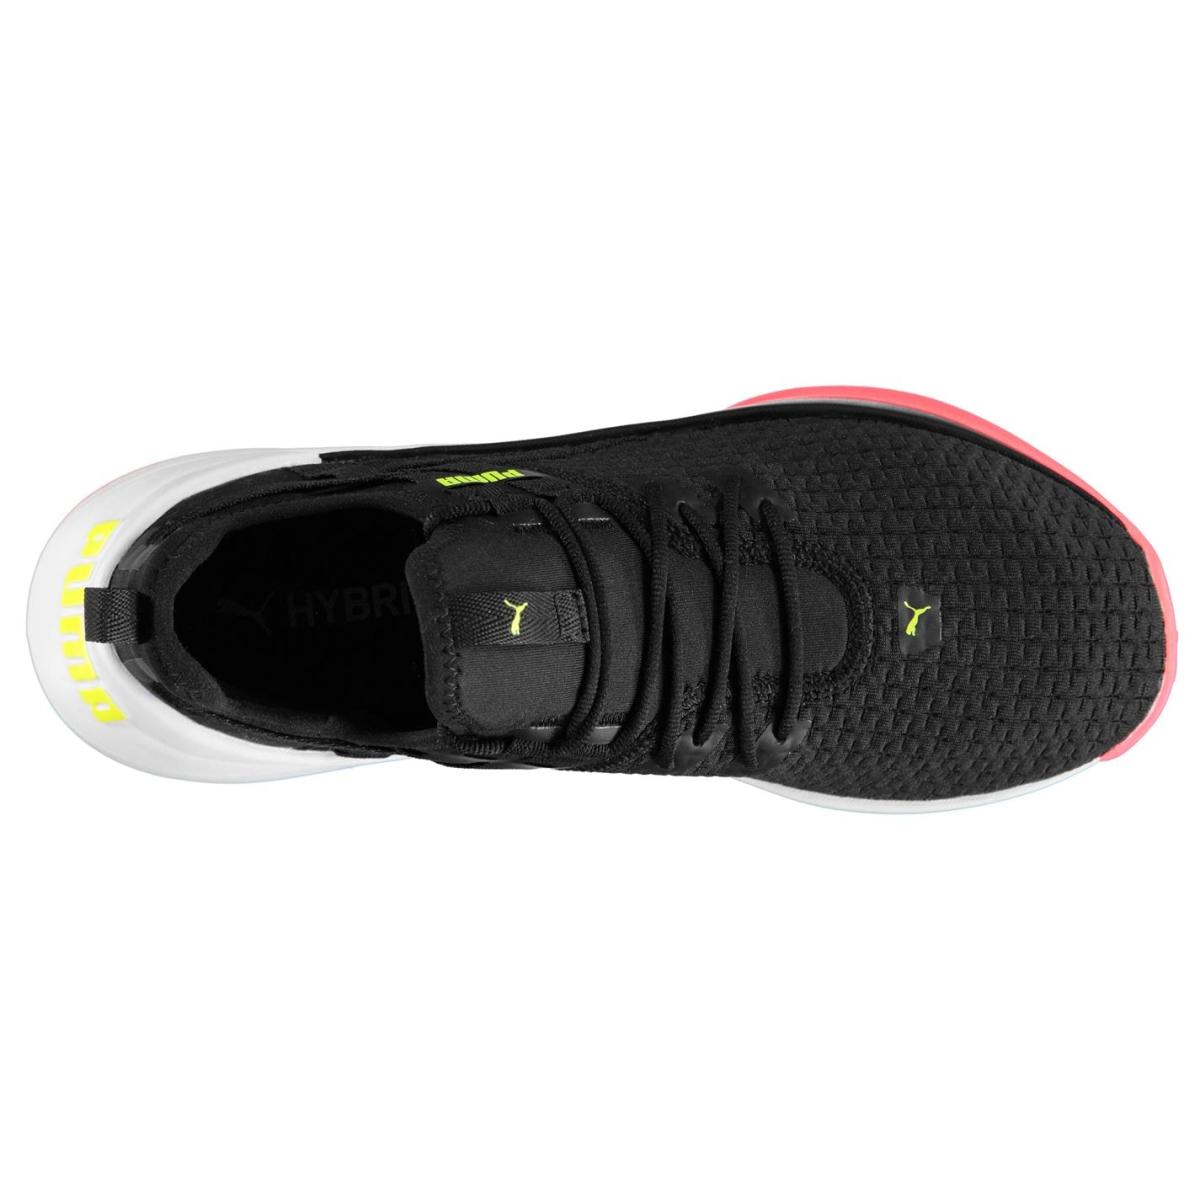 Puma-Jaab-XT-Damen-Turnschuhe-Laufschuhe-Sneakers-Sportschuhe-2007 Indexbild 4